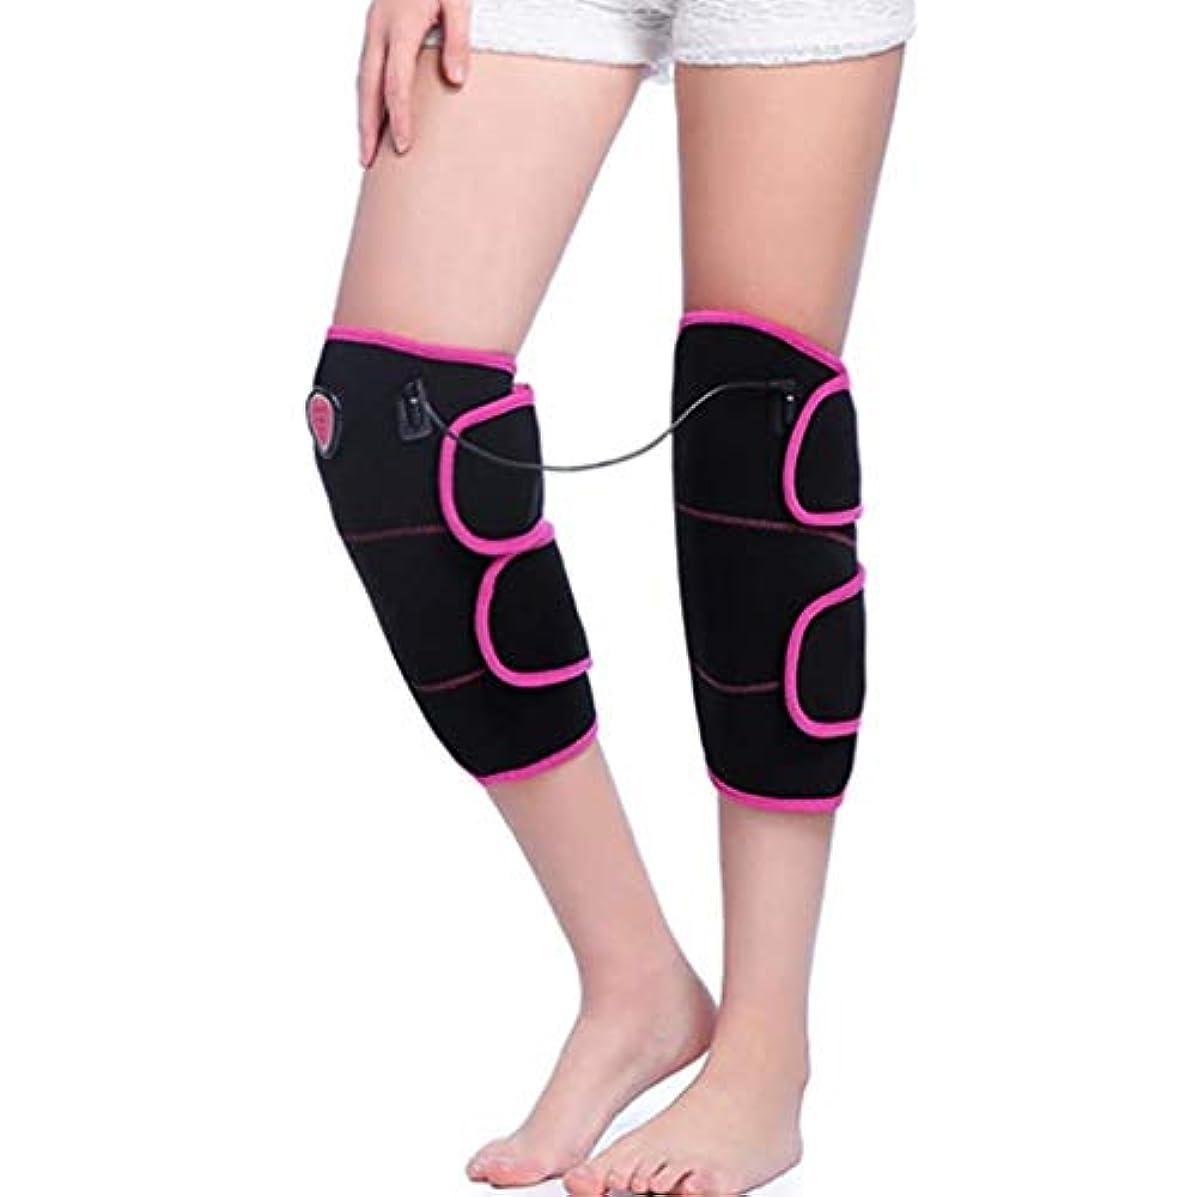 レッグケアマッサージャー、加熱膝パッド、脚Pad/温かい/温湿布/遠赤外線、血液循環を促進